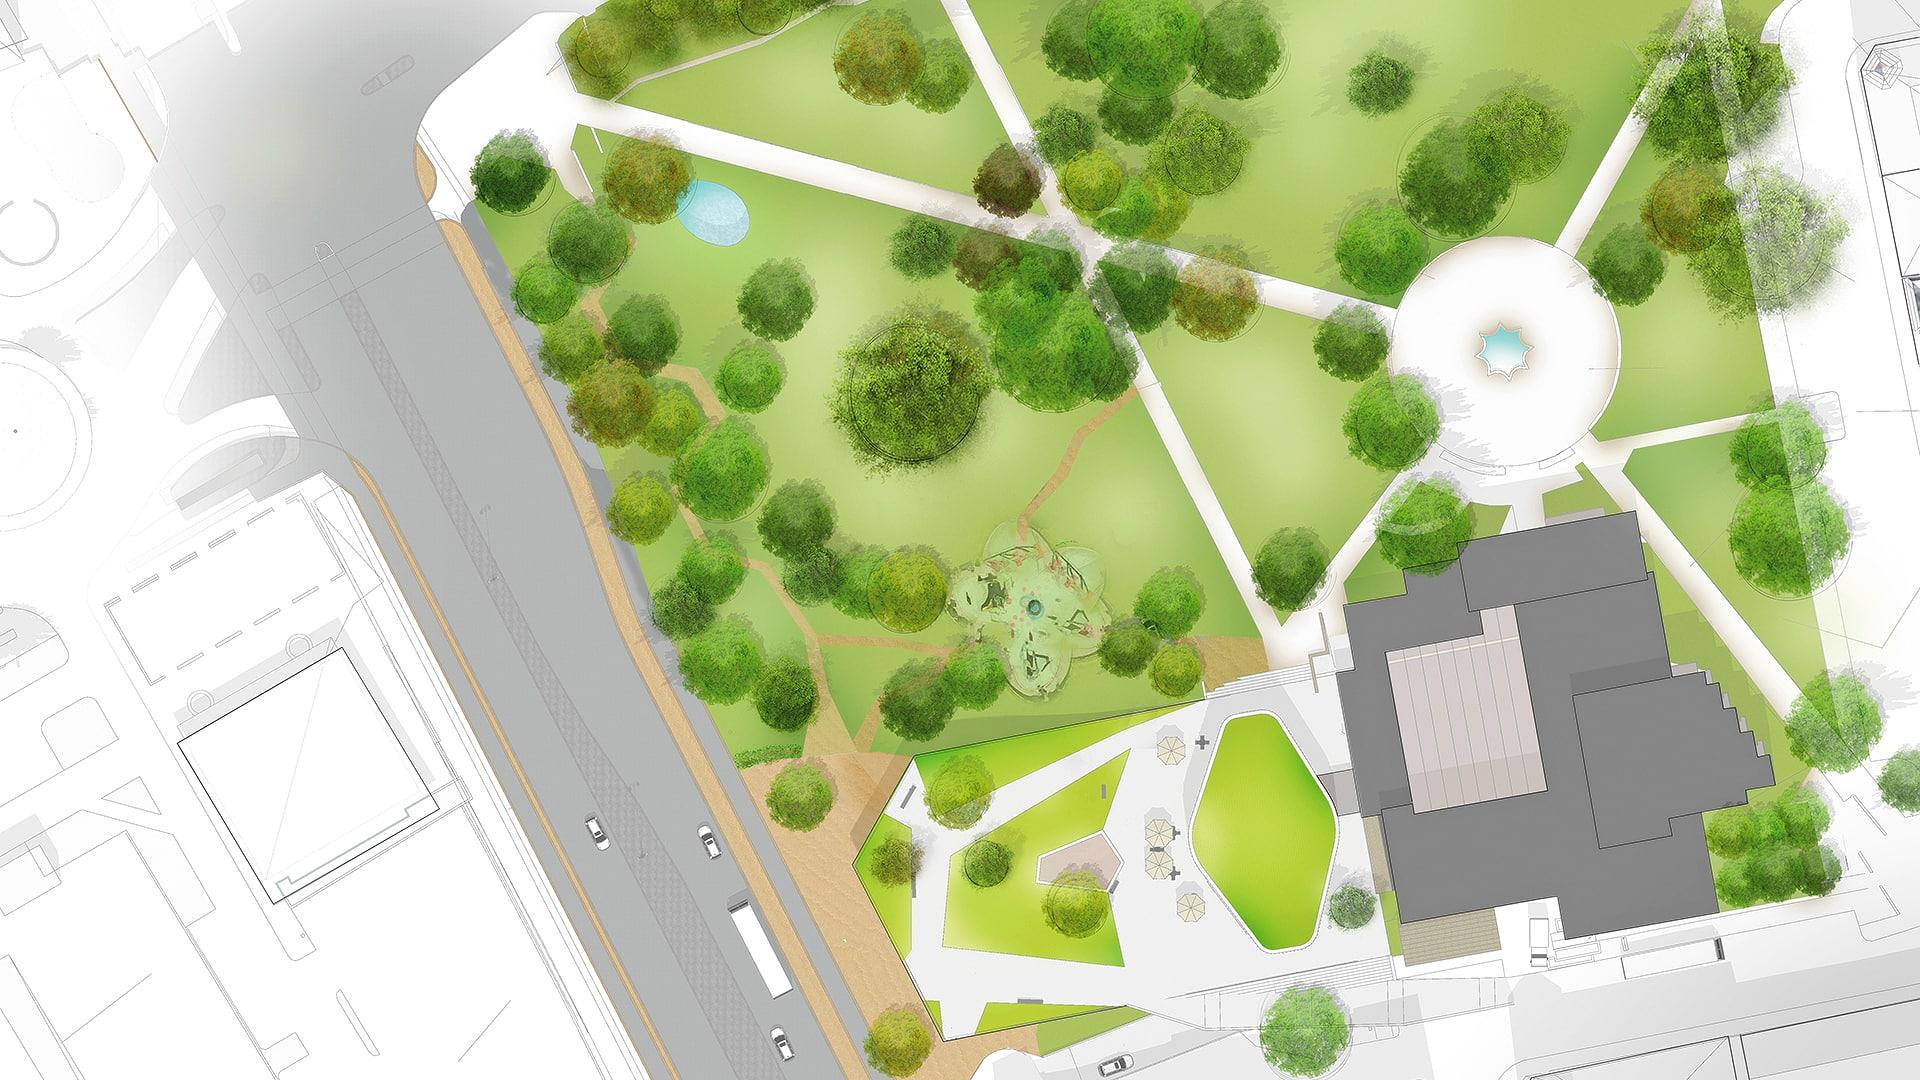 Skiss som visar stadsparken uppifrån och där området för en planerad utbyggnad är markerad